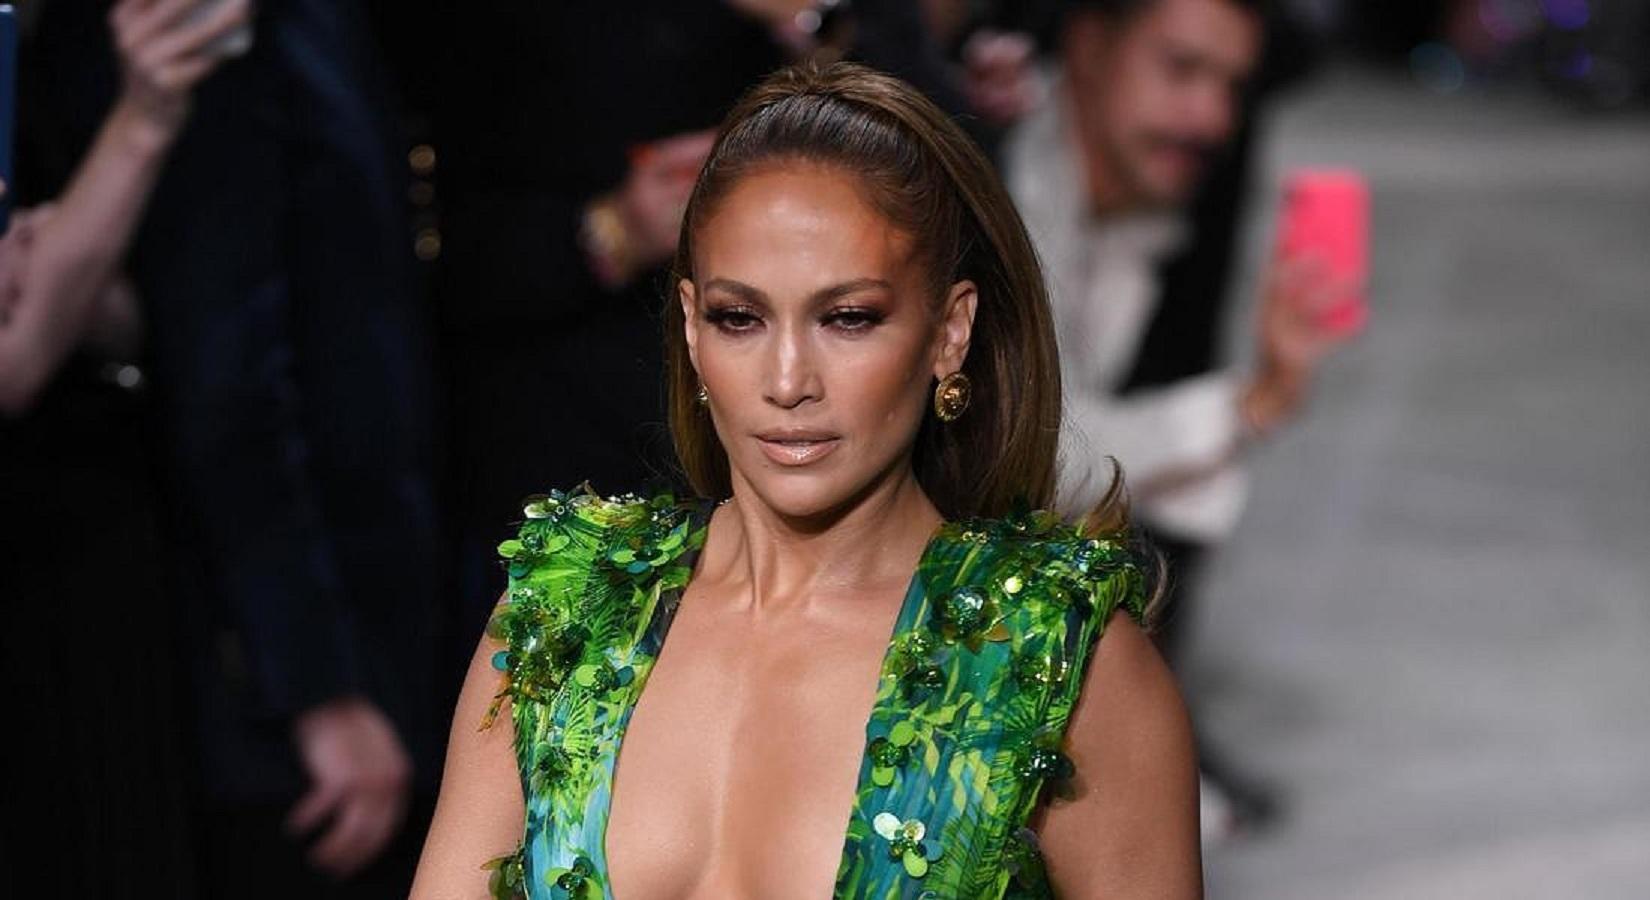 La crema viso approvata da Jennifer Lopez che mette le rughe ko